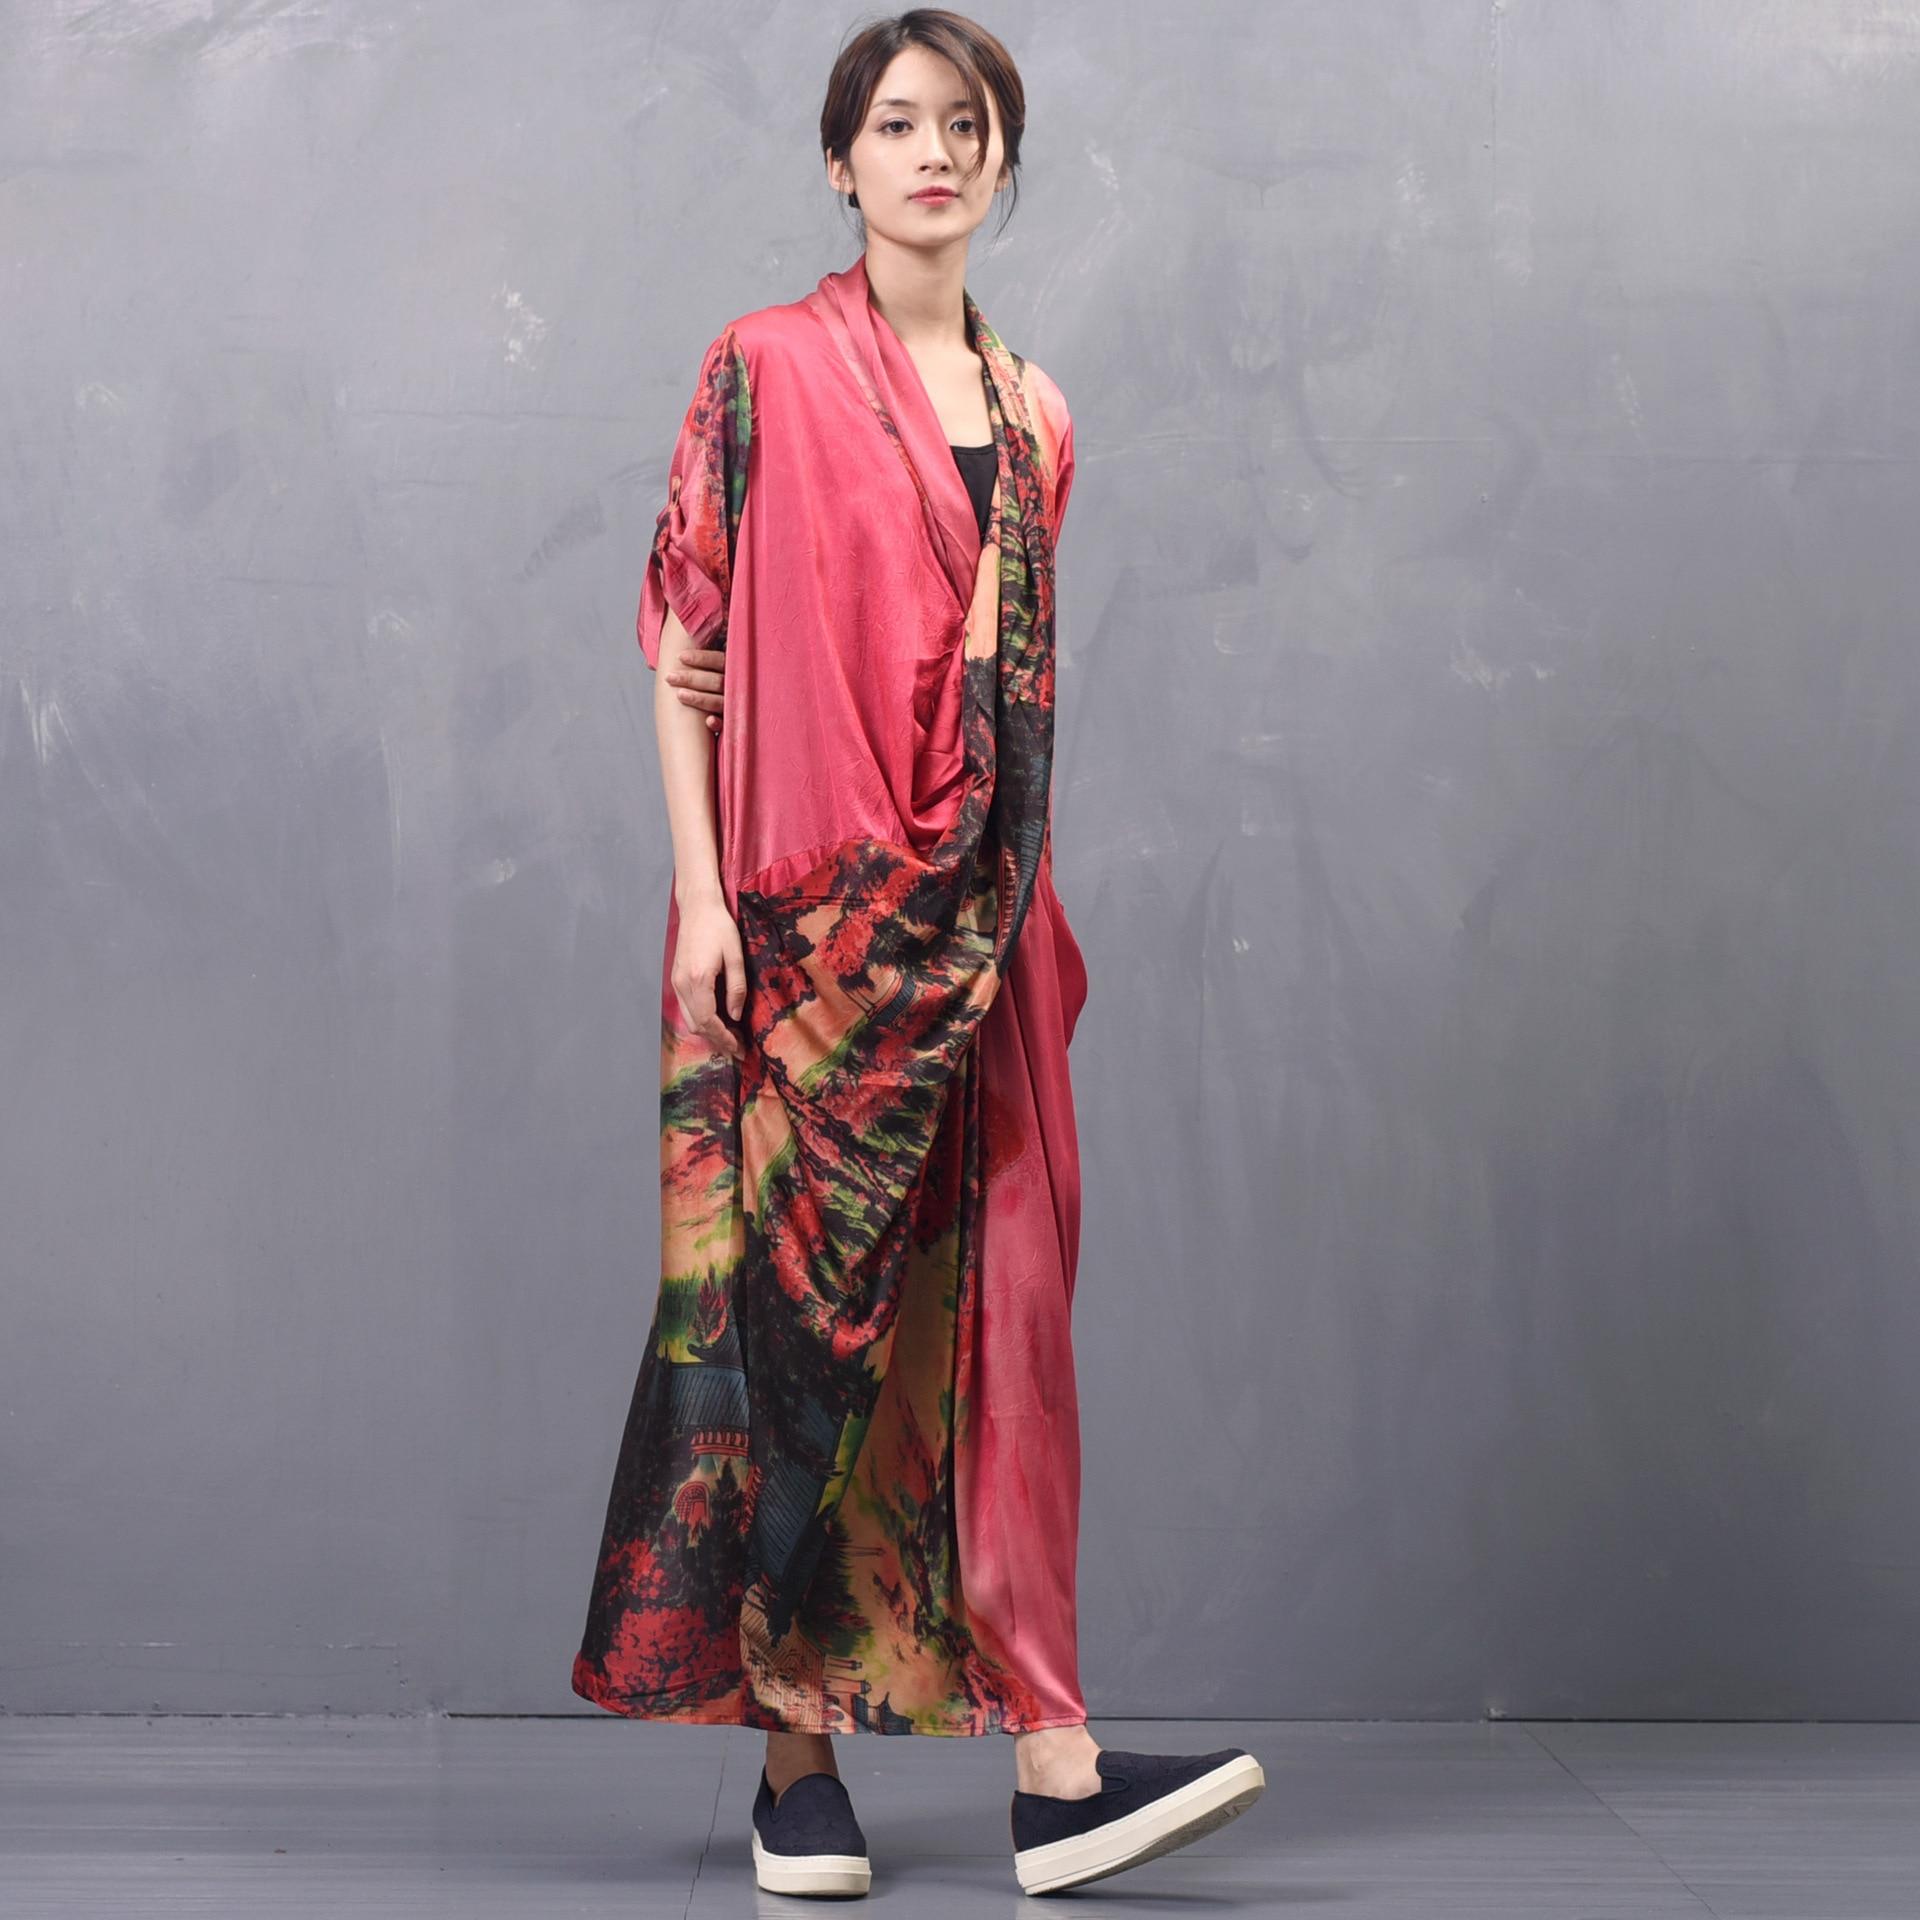 Kadın Giyim'ten Elbiseler'de Kadın İlkbahar Yaz Çapraz Gevşek Elbise Bayan Baskılı Zarif Elbise Kadın Baskı Patchwork Elbiseler 2019 Düzensiz Uzunluk Elbise'da  Grup 3